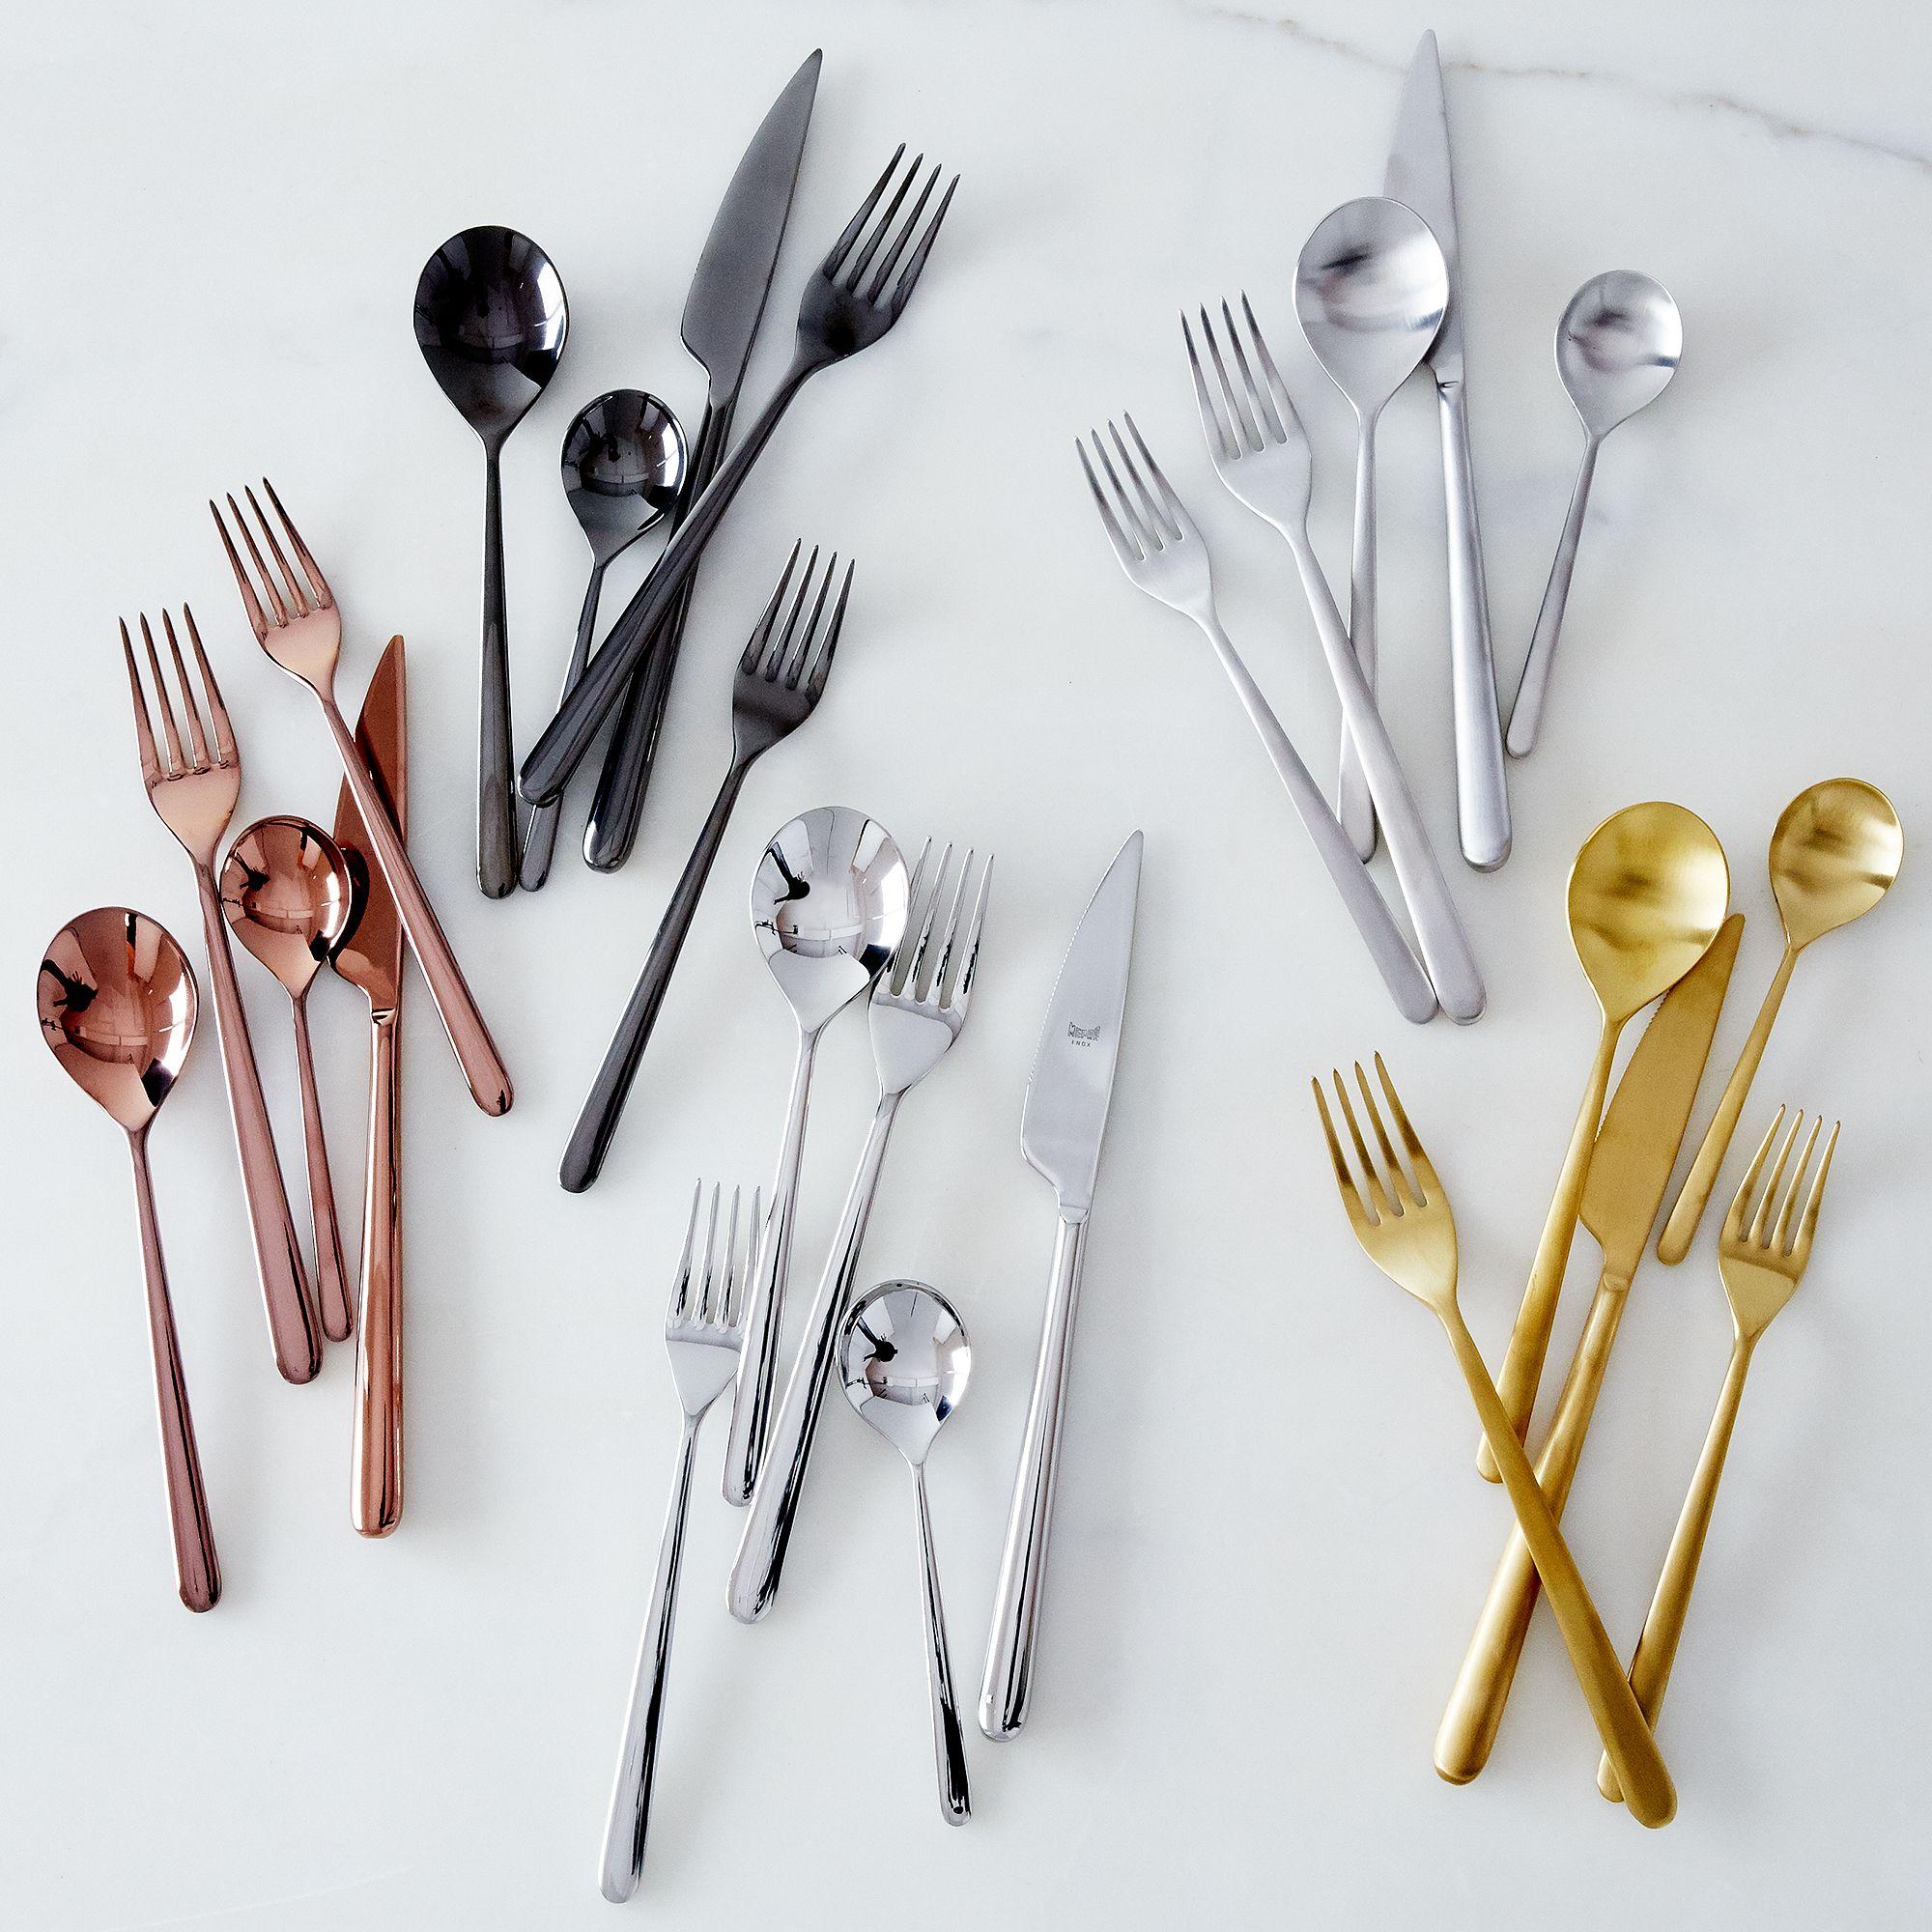 Italian Flatware, Linea (5 Piece Set) - Flatware -- Dinnerware ...